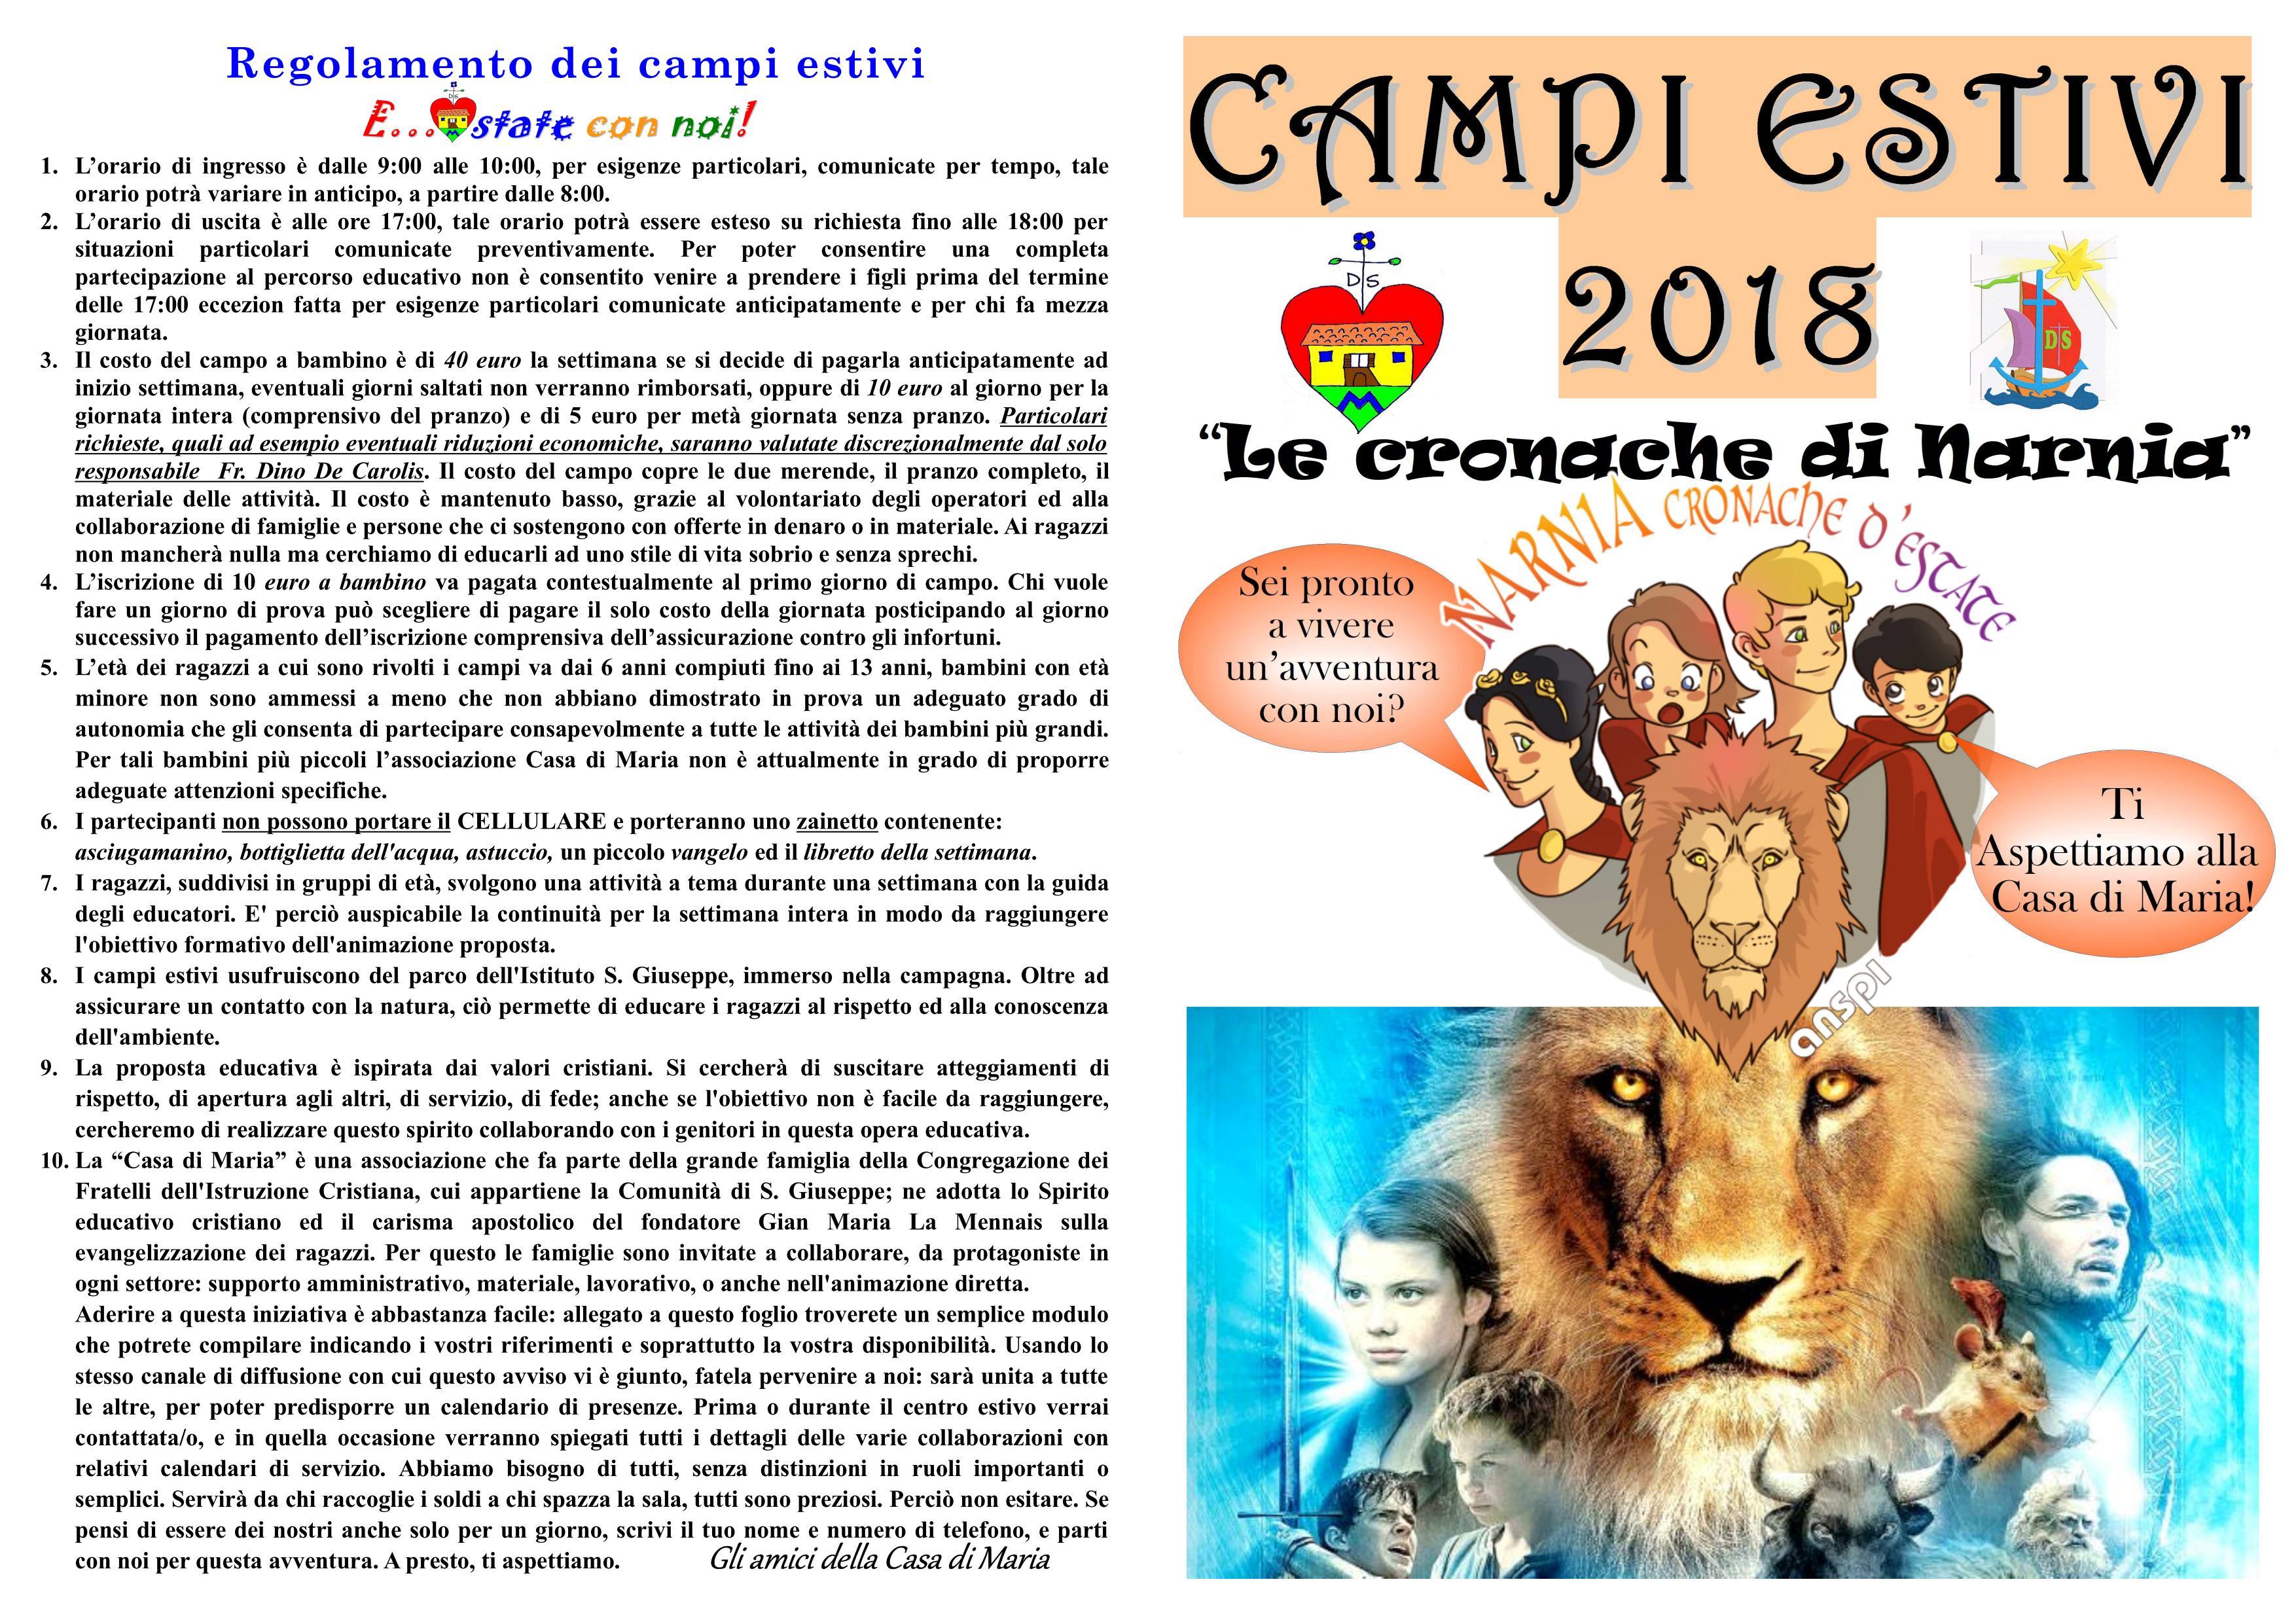 campi-estivi-2018-volantino-regolamento-modulo-ragazzi-modulo-educatori_0